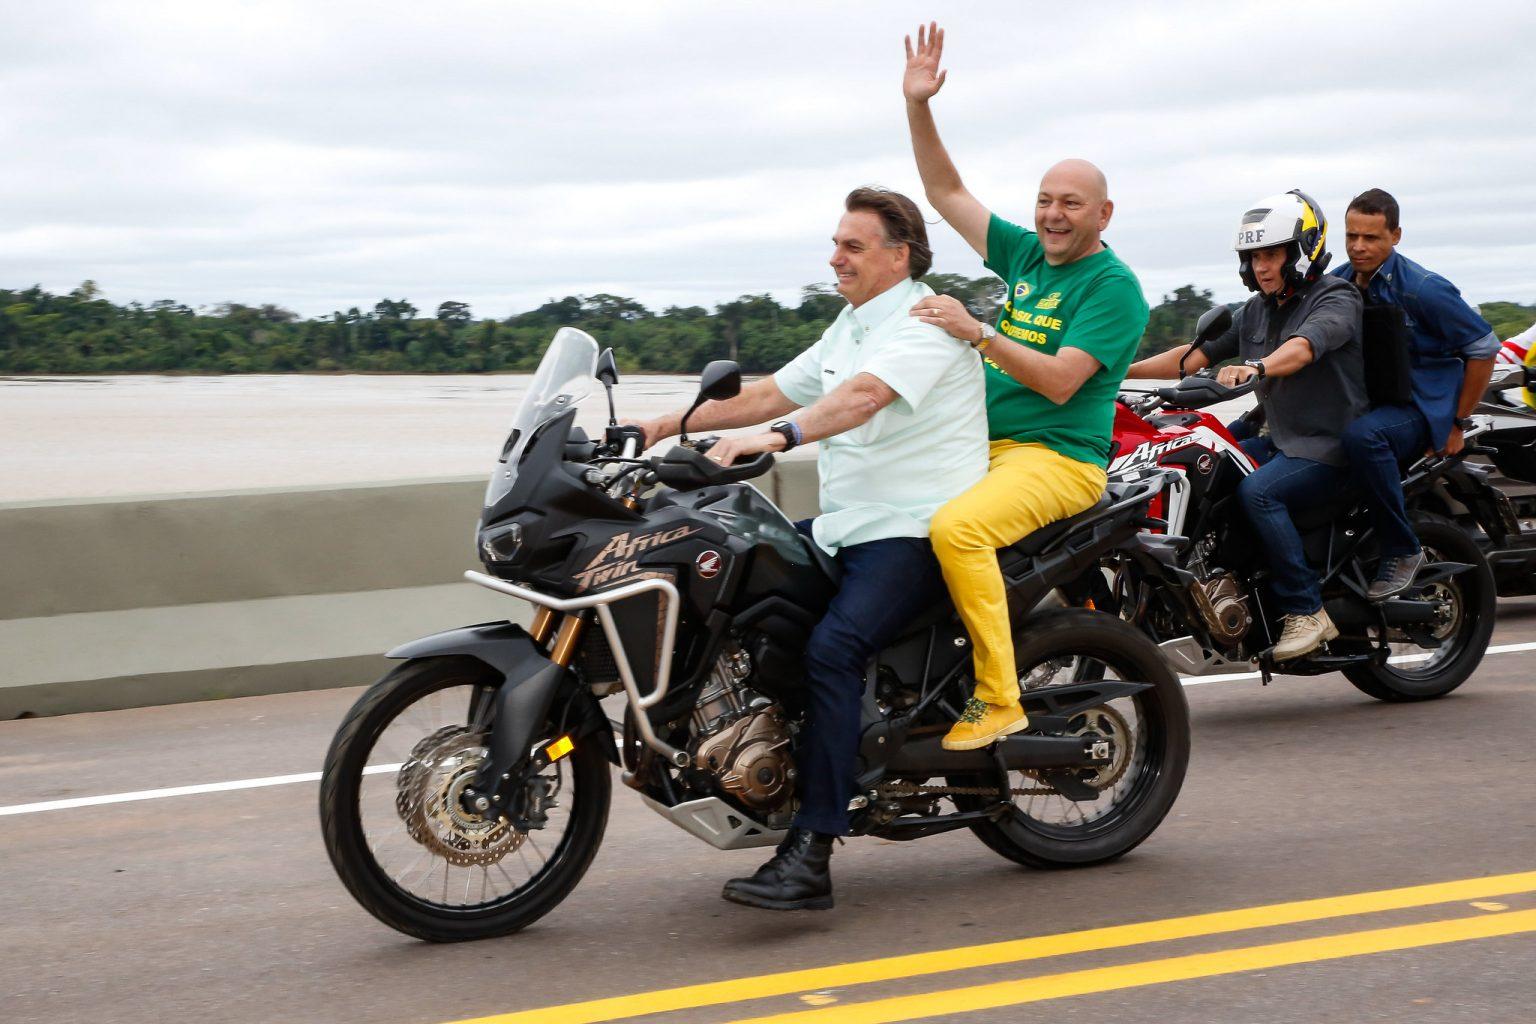 Presidente andando de moto